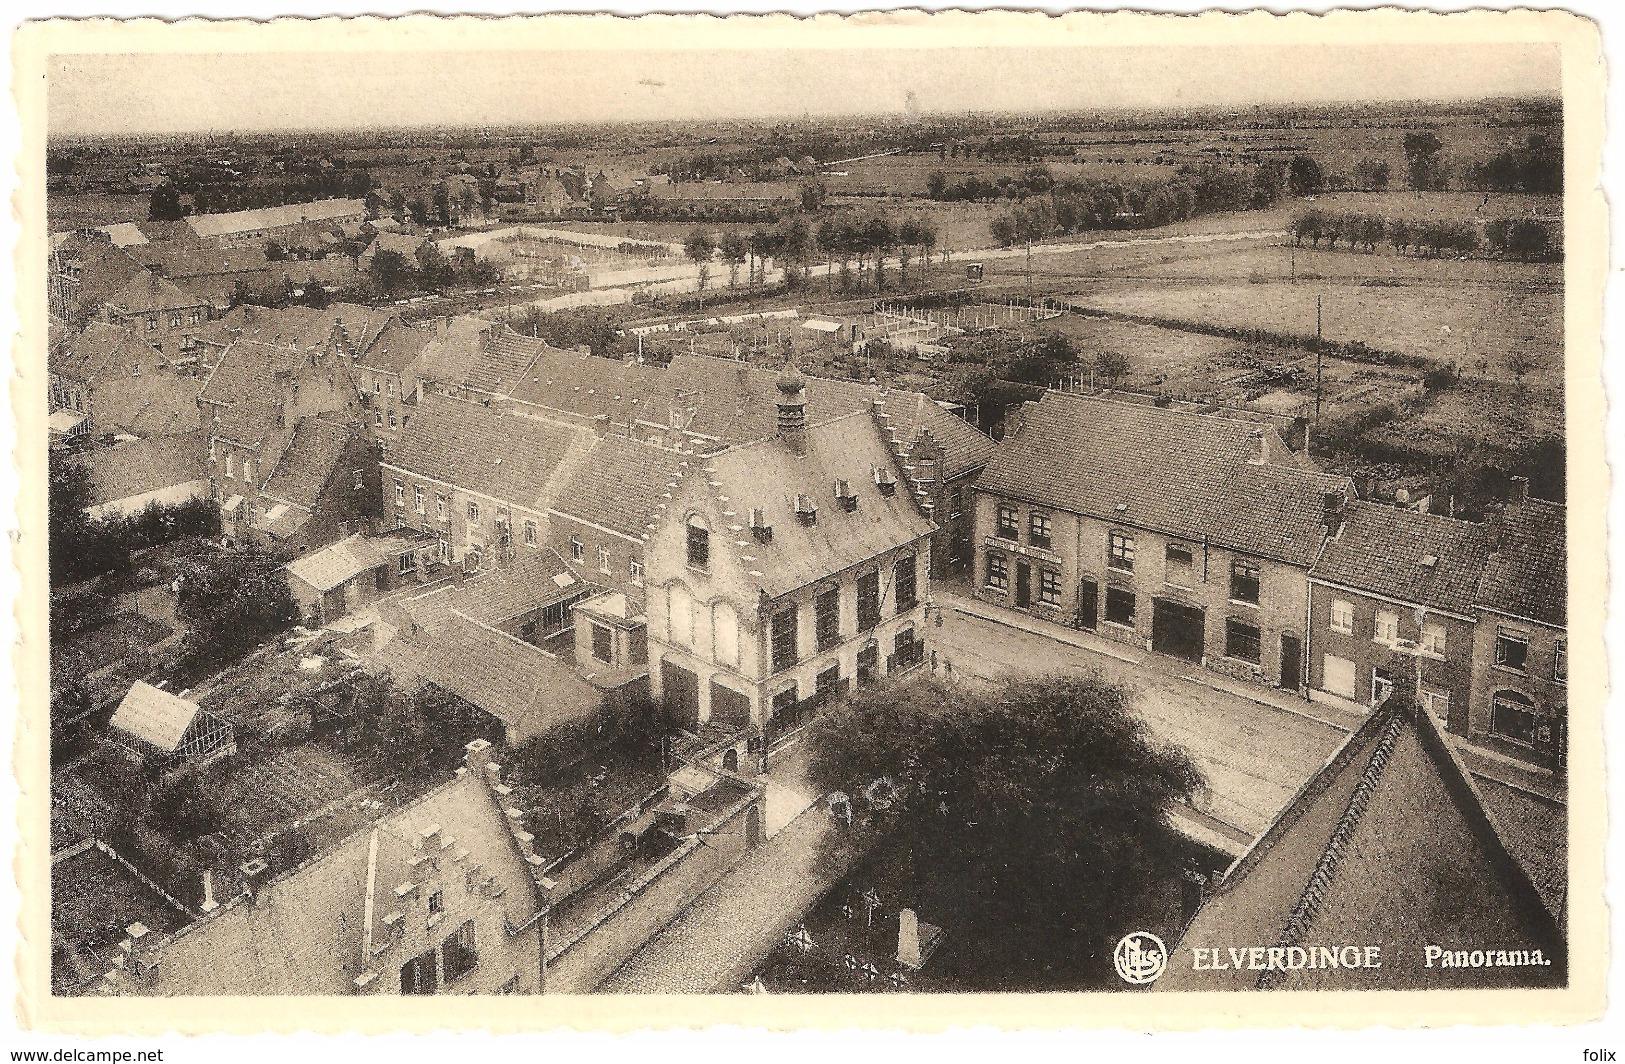 Elverdinge - Panorama - Ieper